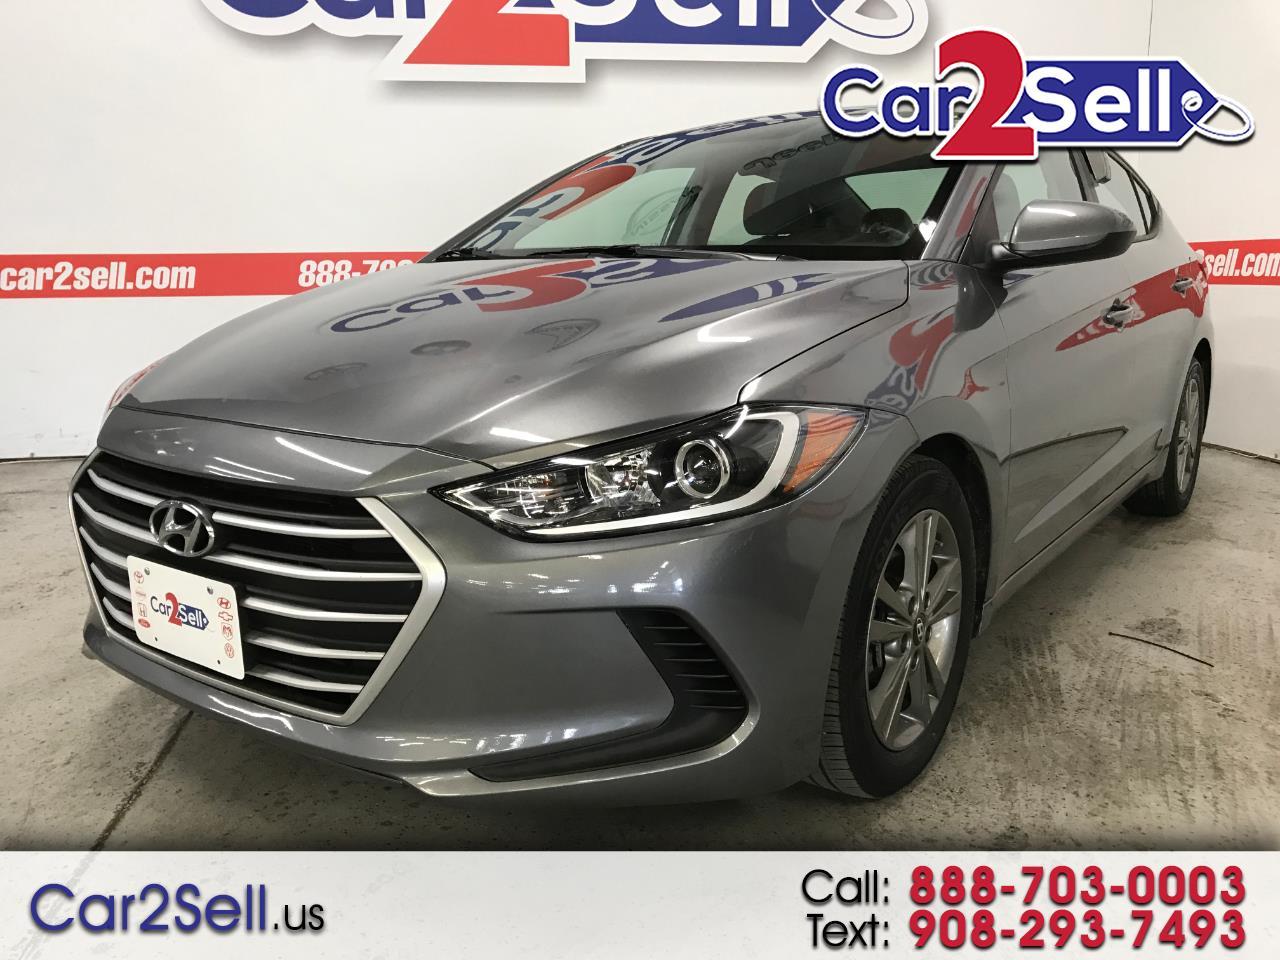 2018 Hyundai Elantra SEL 2.0L Auto SULEV (Alabama)